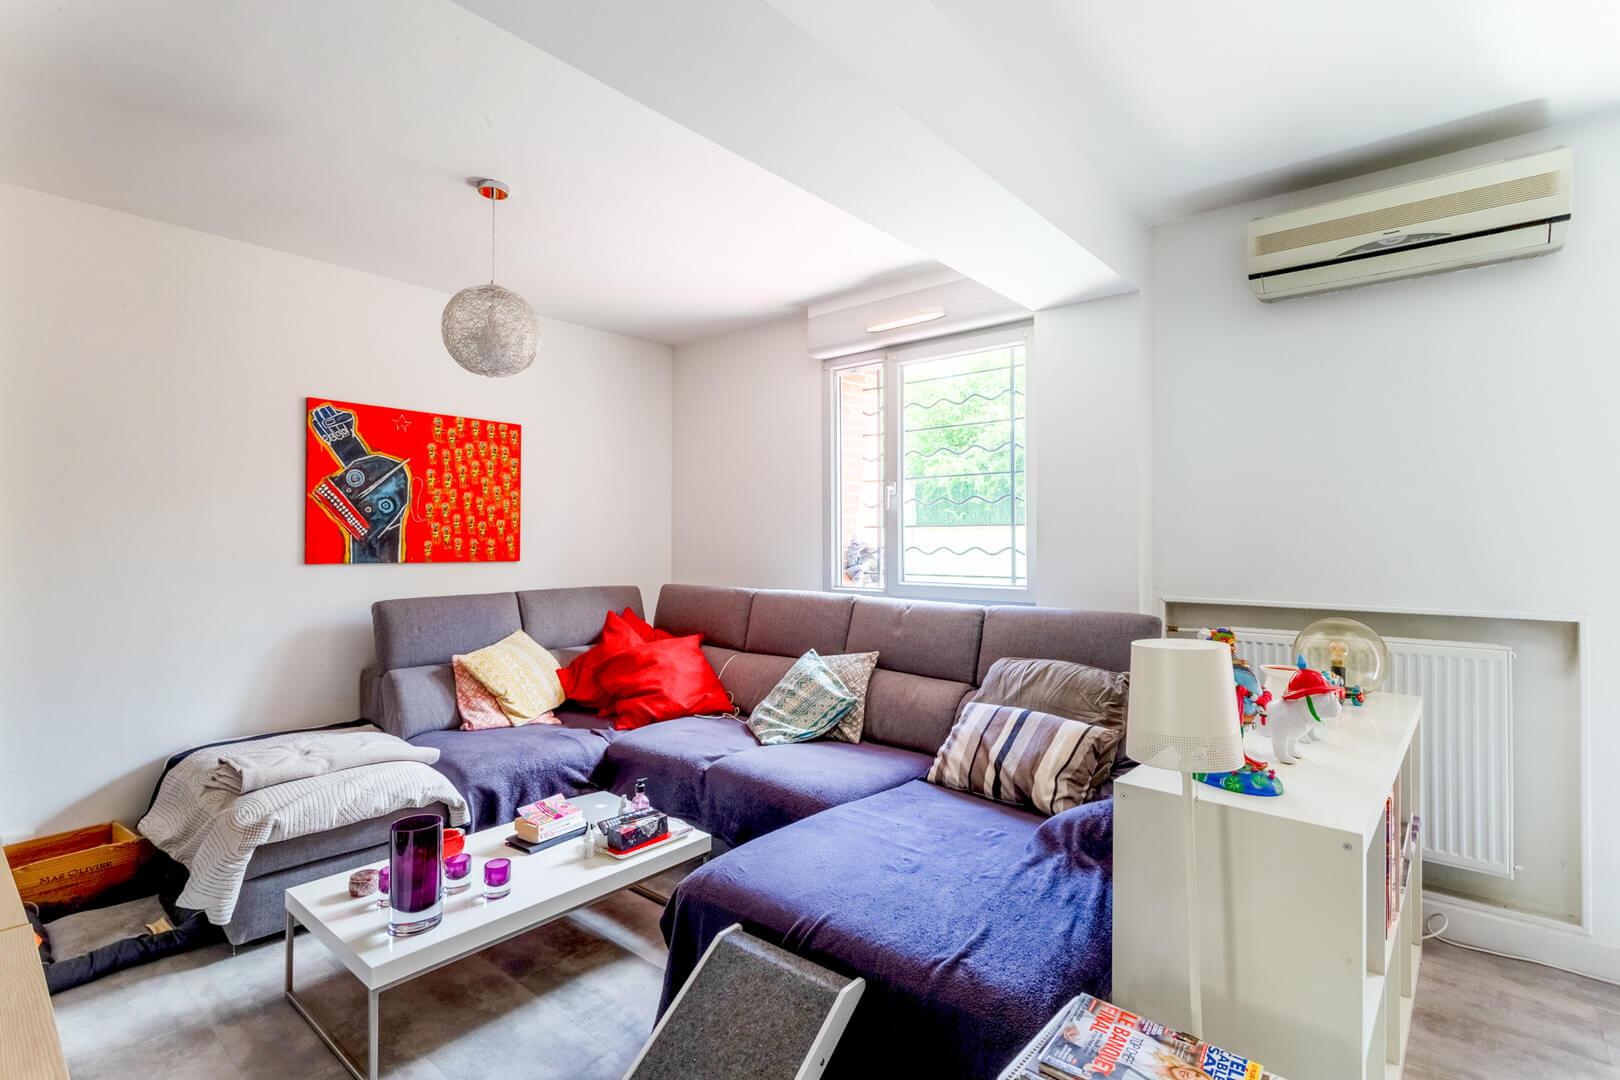 Homki - Vente maison/villa  de 120.0 m² à Toulouse 31500